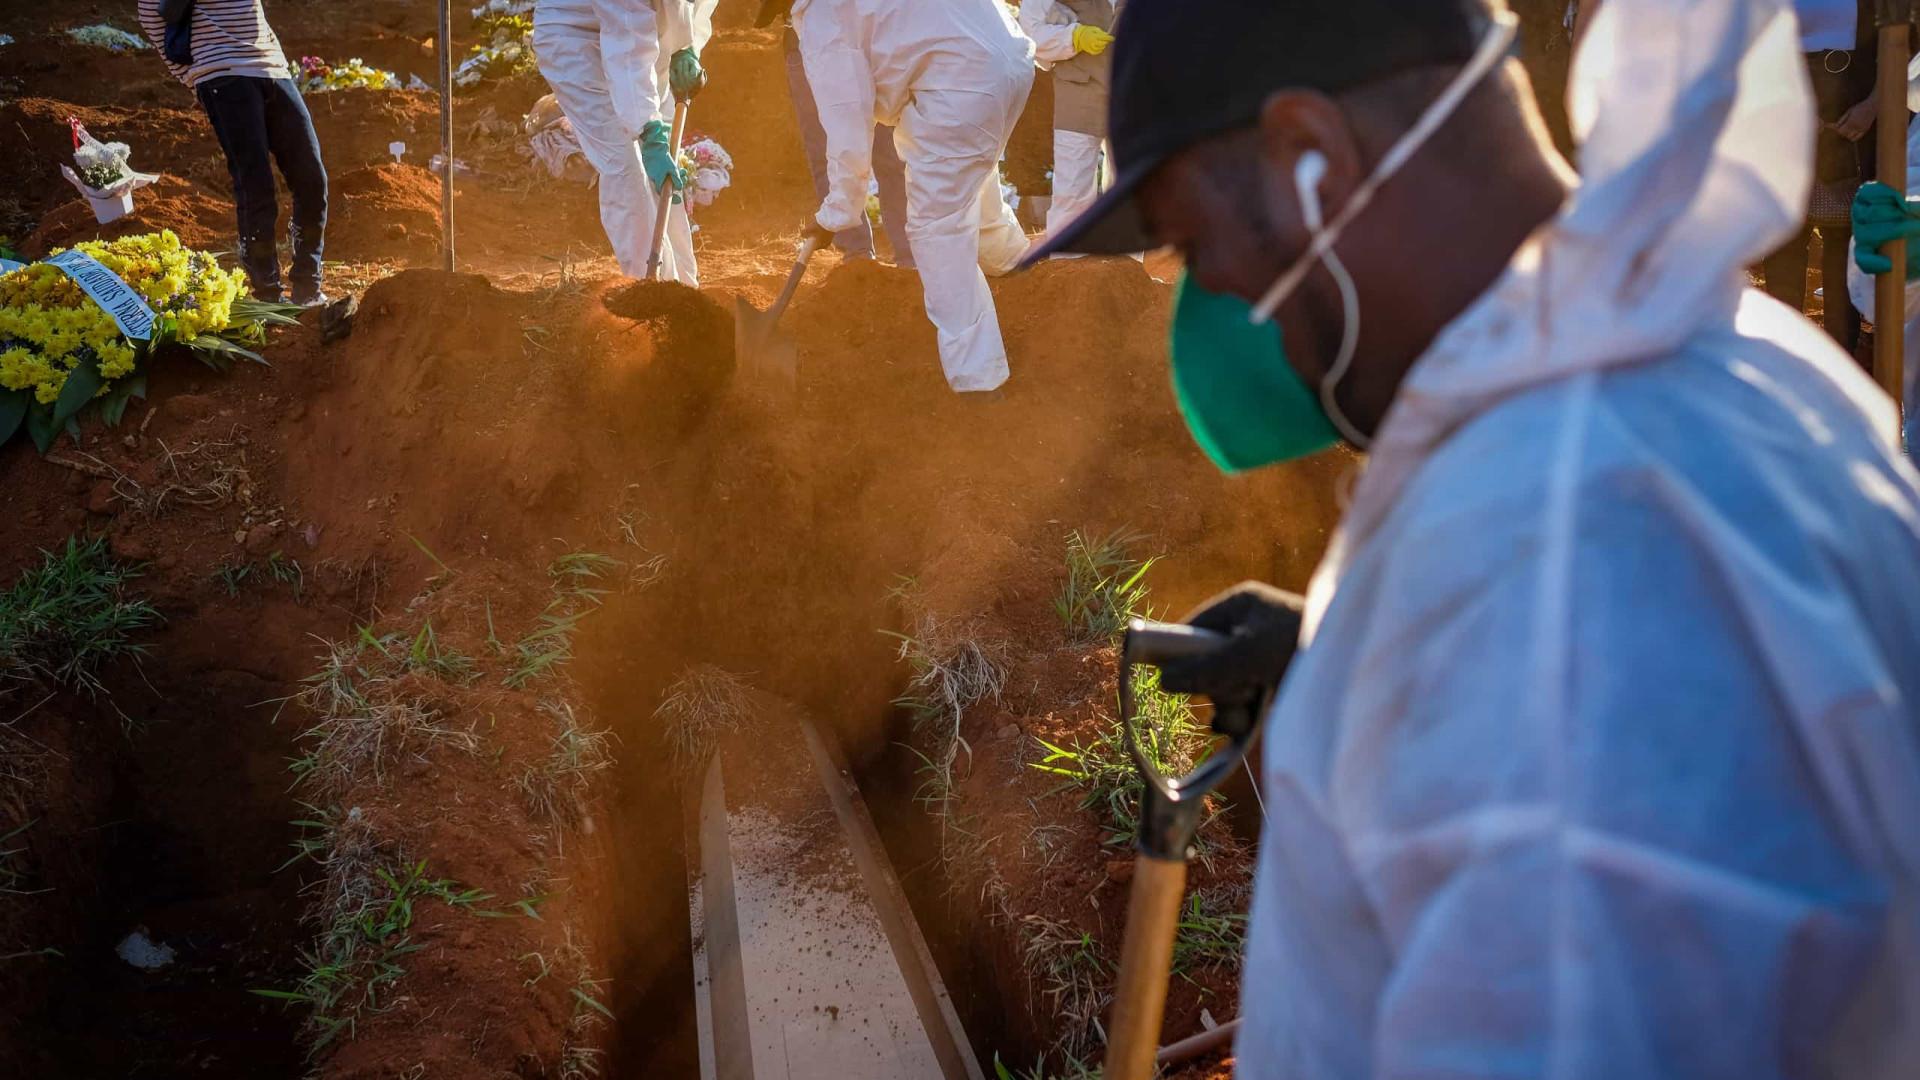 Brasil registra mais 2.408 mortes por Covid-19 em 24h